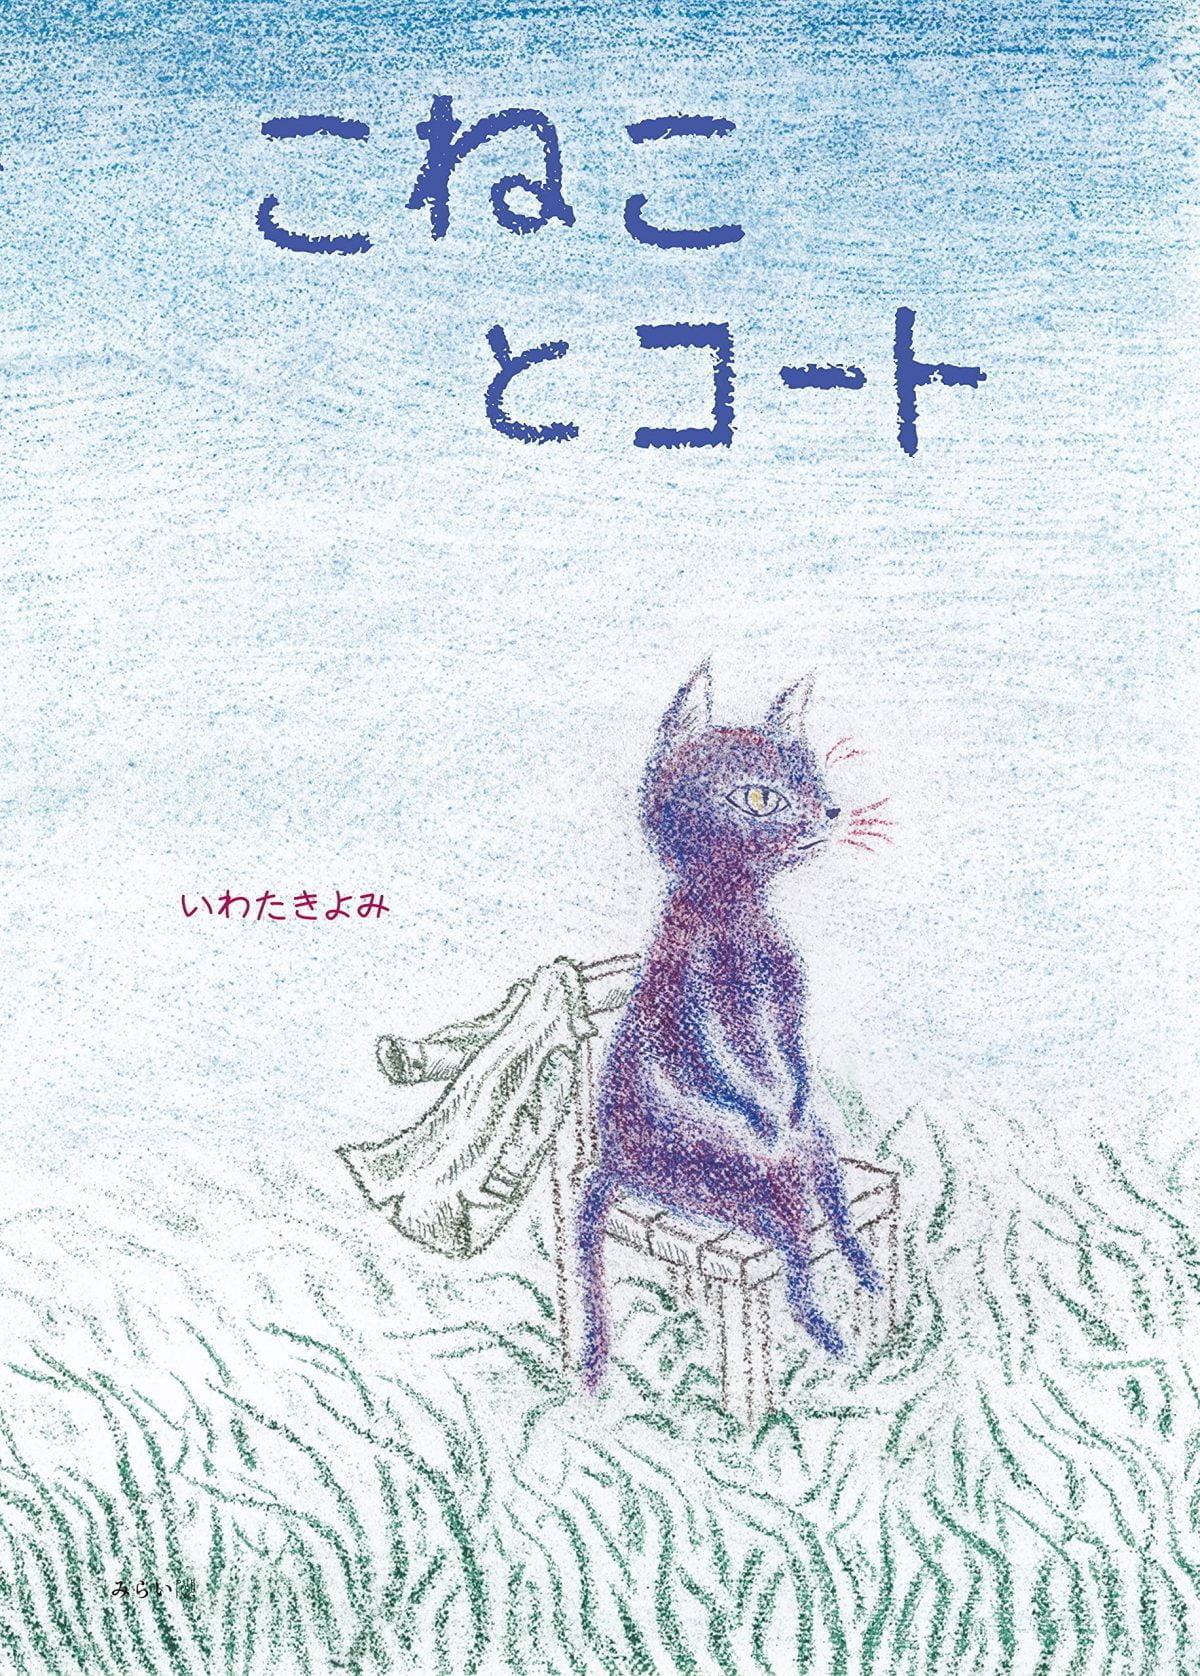 絵本「こねことコート」の表紙